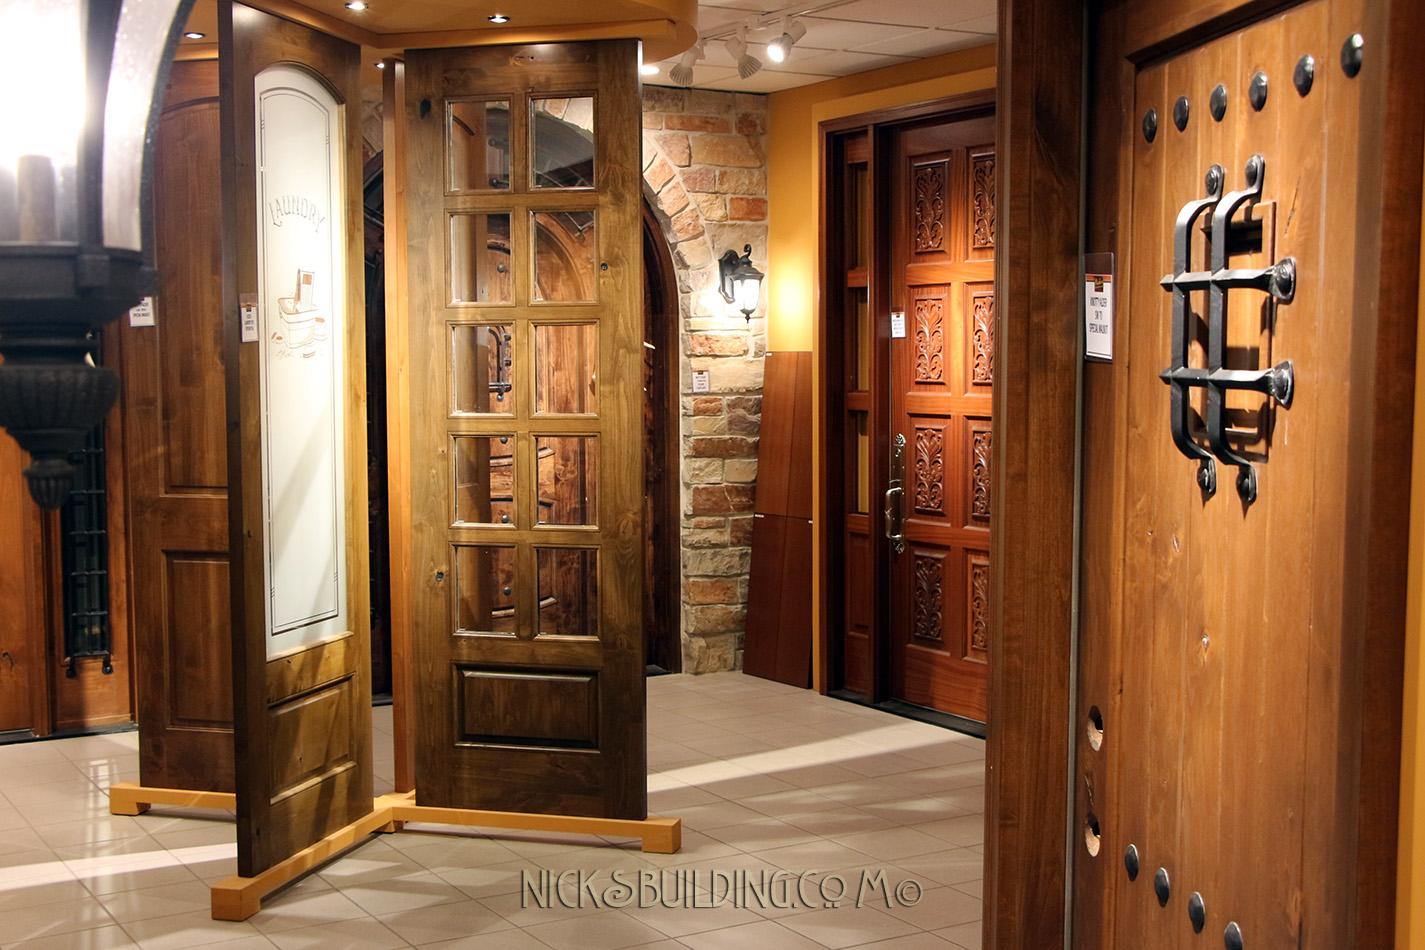 Knotty Alder Door Showroom & About Nicku0027s Building Supply | Door Supplier | Call (219) 682-0798